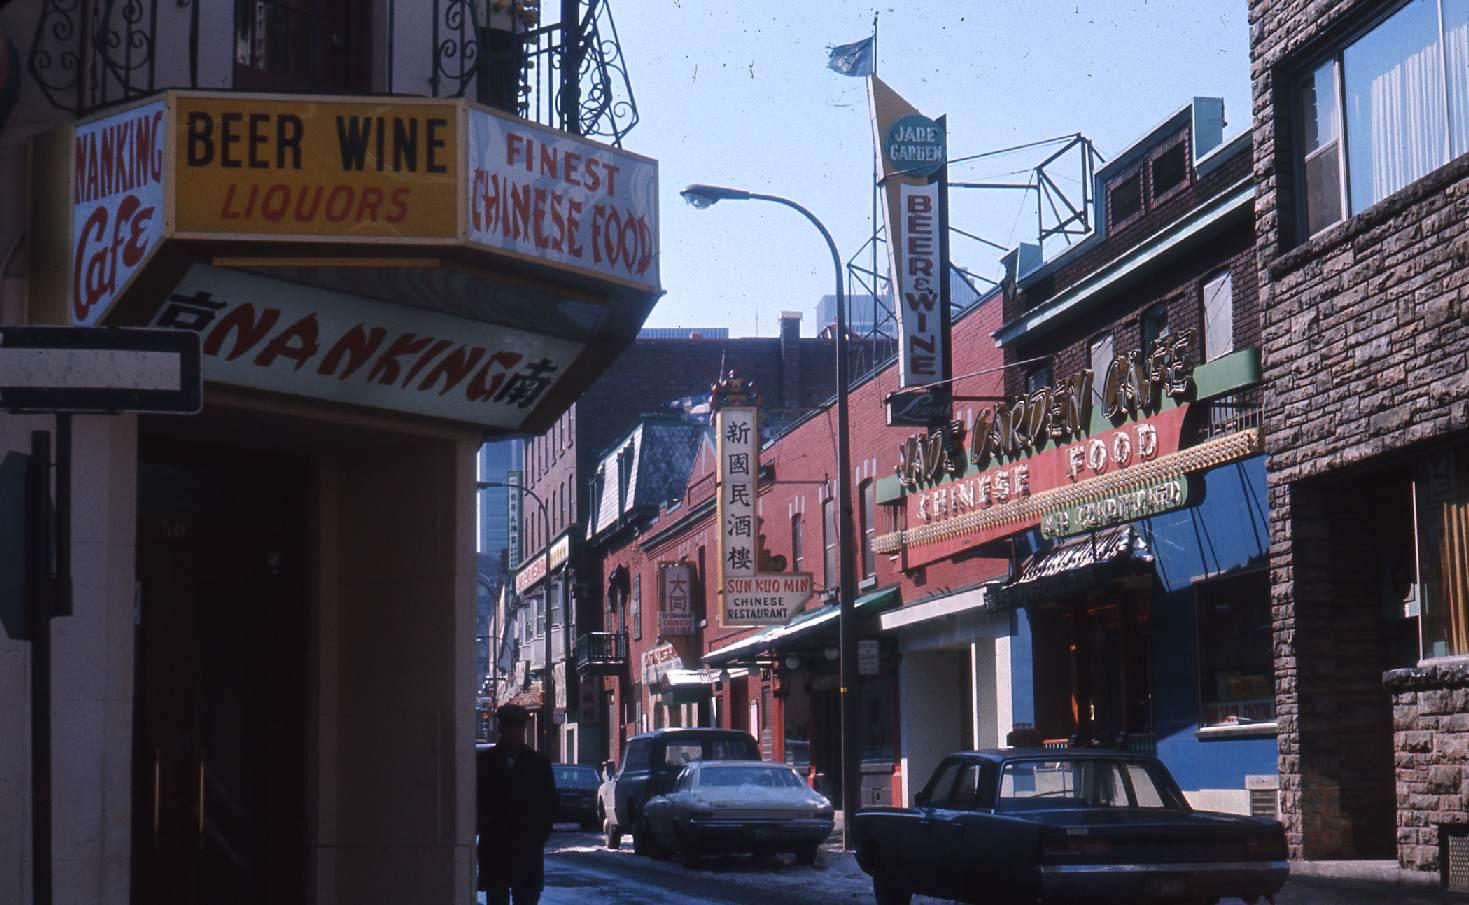 Cette photo du Quartier chinois a été prise le 25 mars 1968. Elle nous montre les deux langues prédominantes dans le quartier à cette époque, l'anglais et le cantonais.